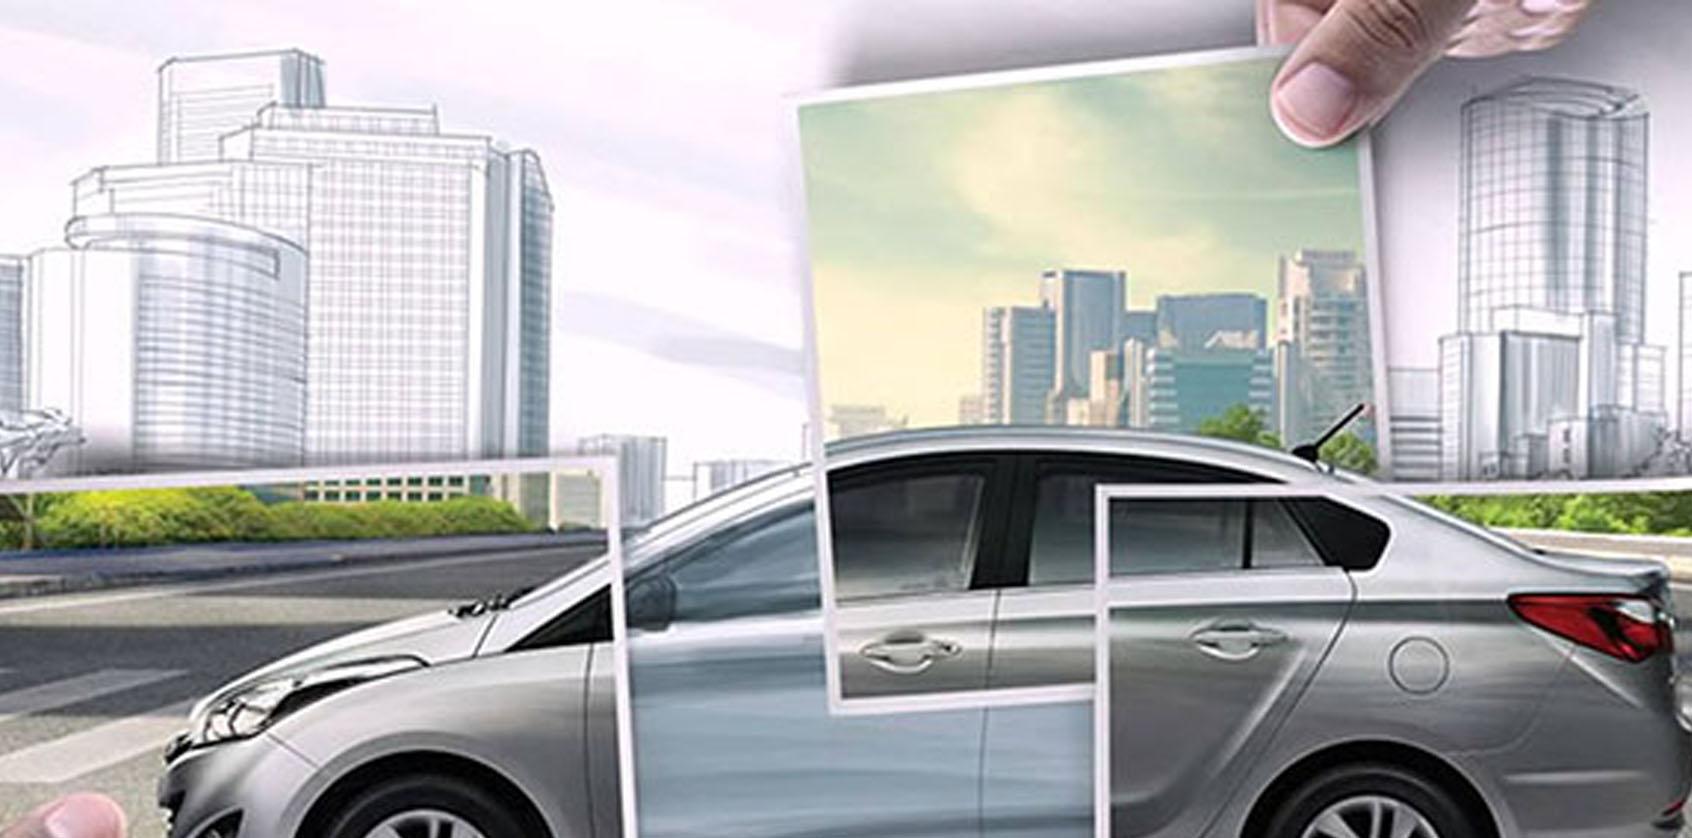 Consórcio ou financiamento: qual é a melhor opção para comprar seu carro?